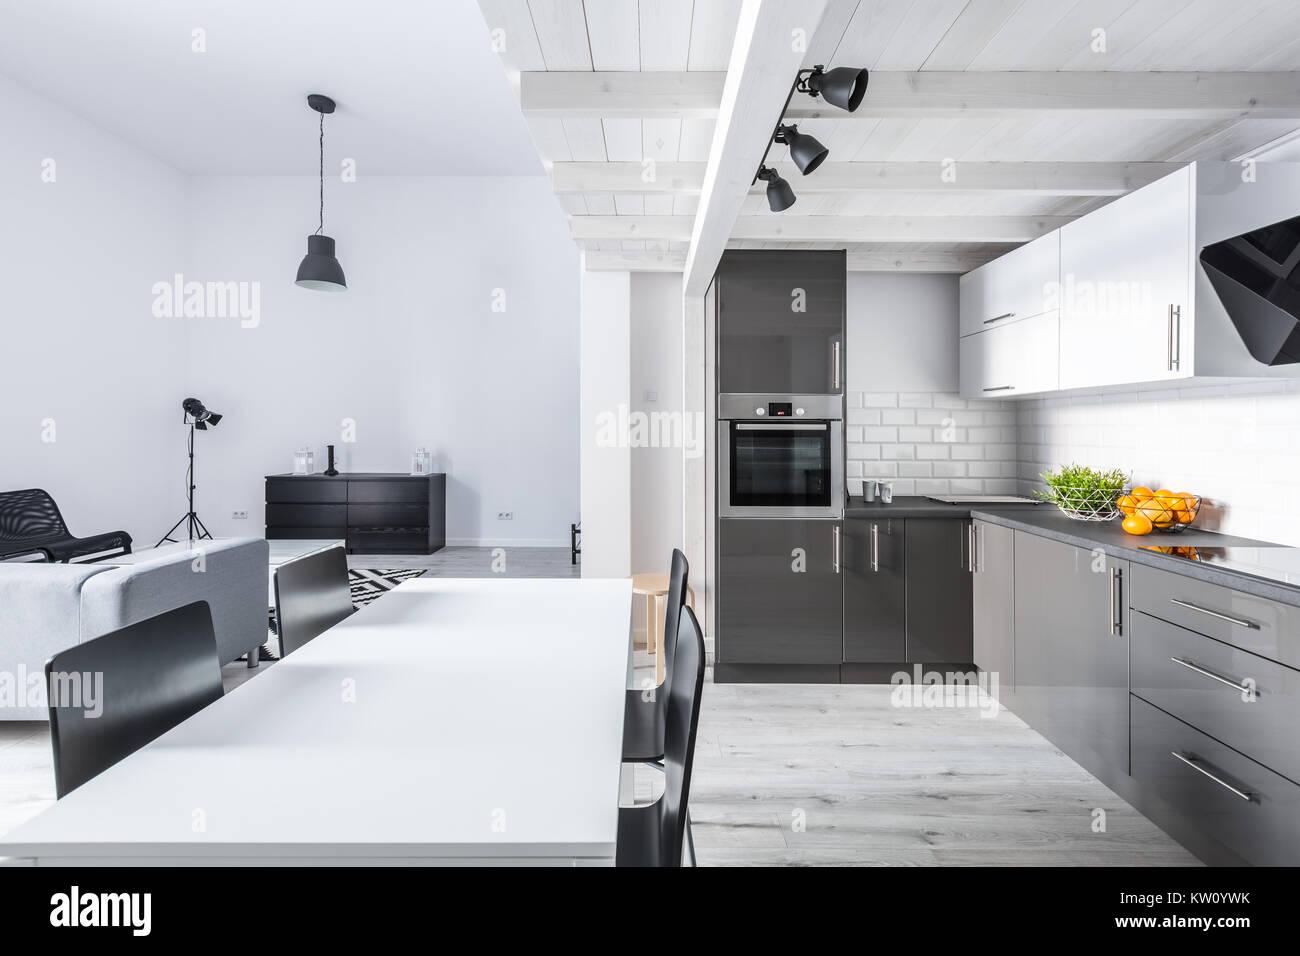 Case Arredate Stile Moderno.Arredate In Stile Moderno Appartamento Loft Con Cucina